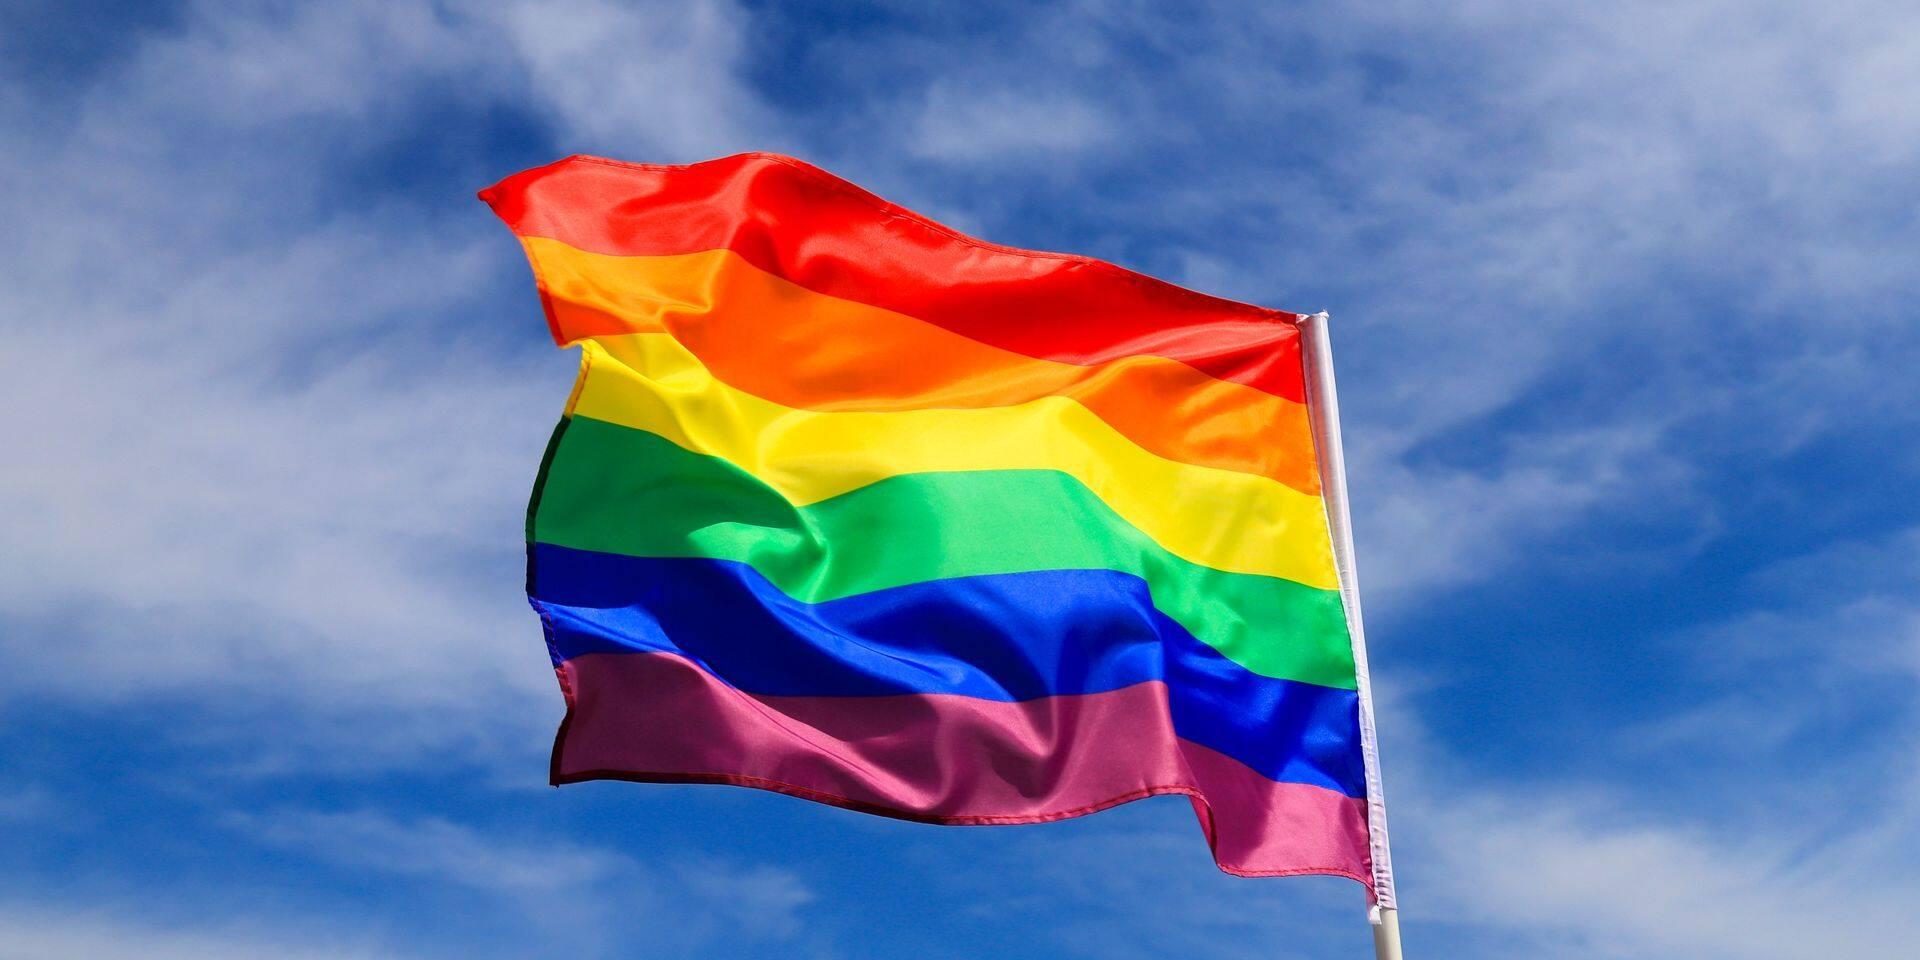 La Wallonie se déclare zone de liberté pour les LGBTQIA+